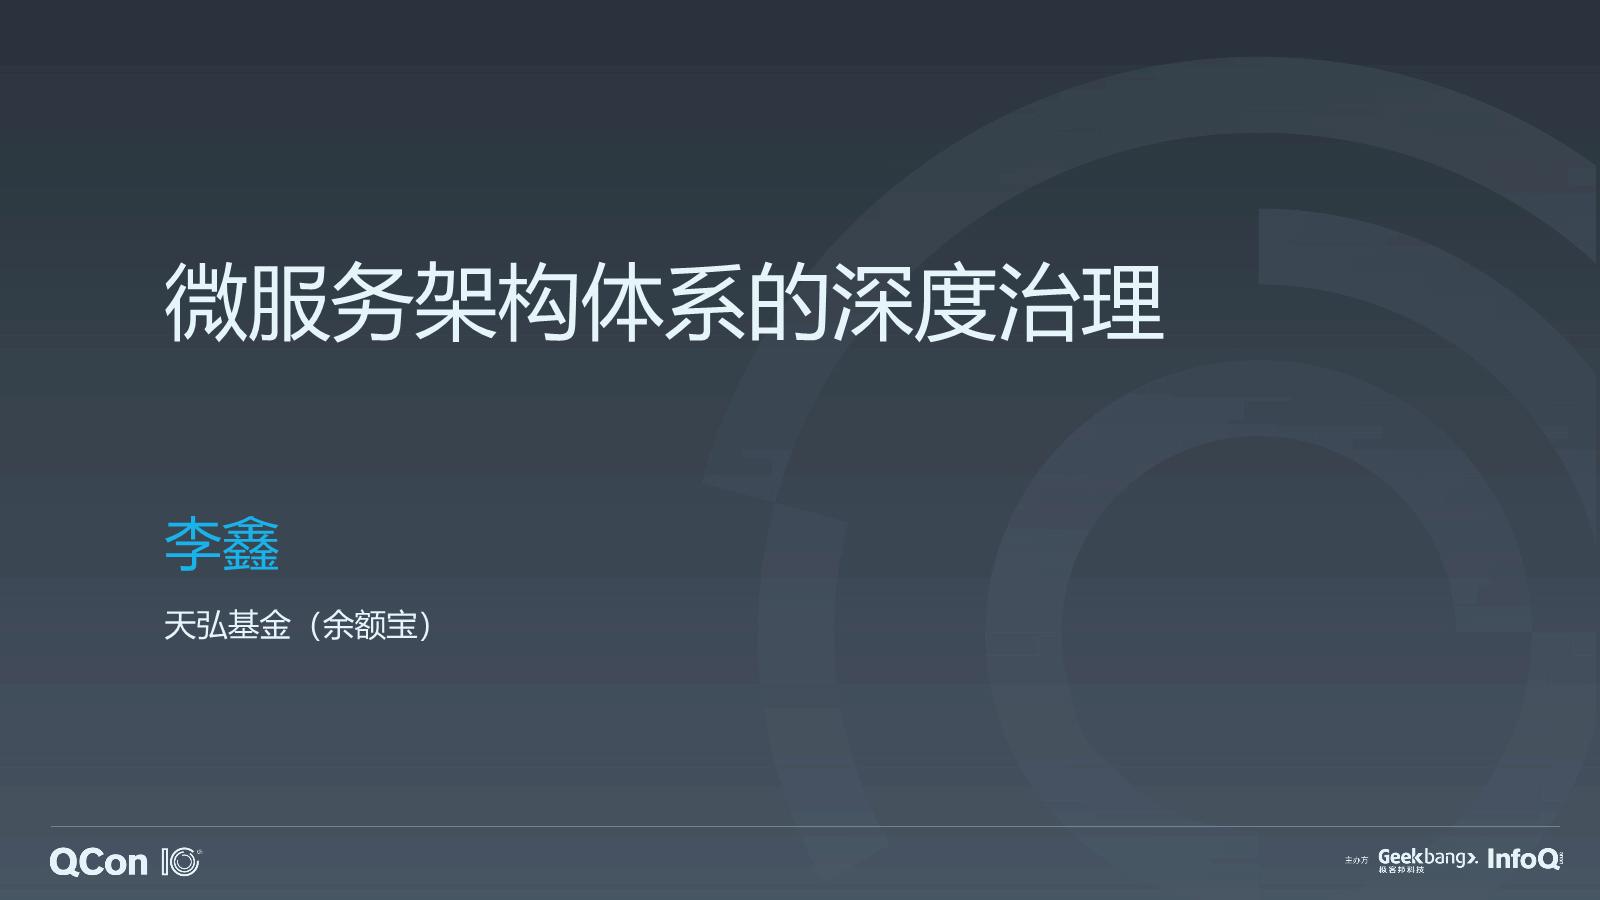 李鑫-微服务架构体系的深度治理